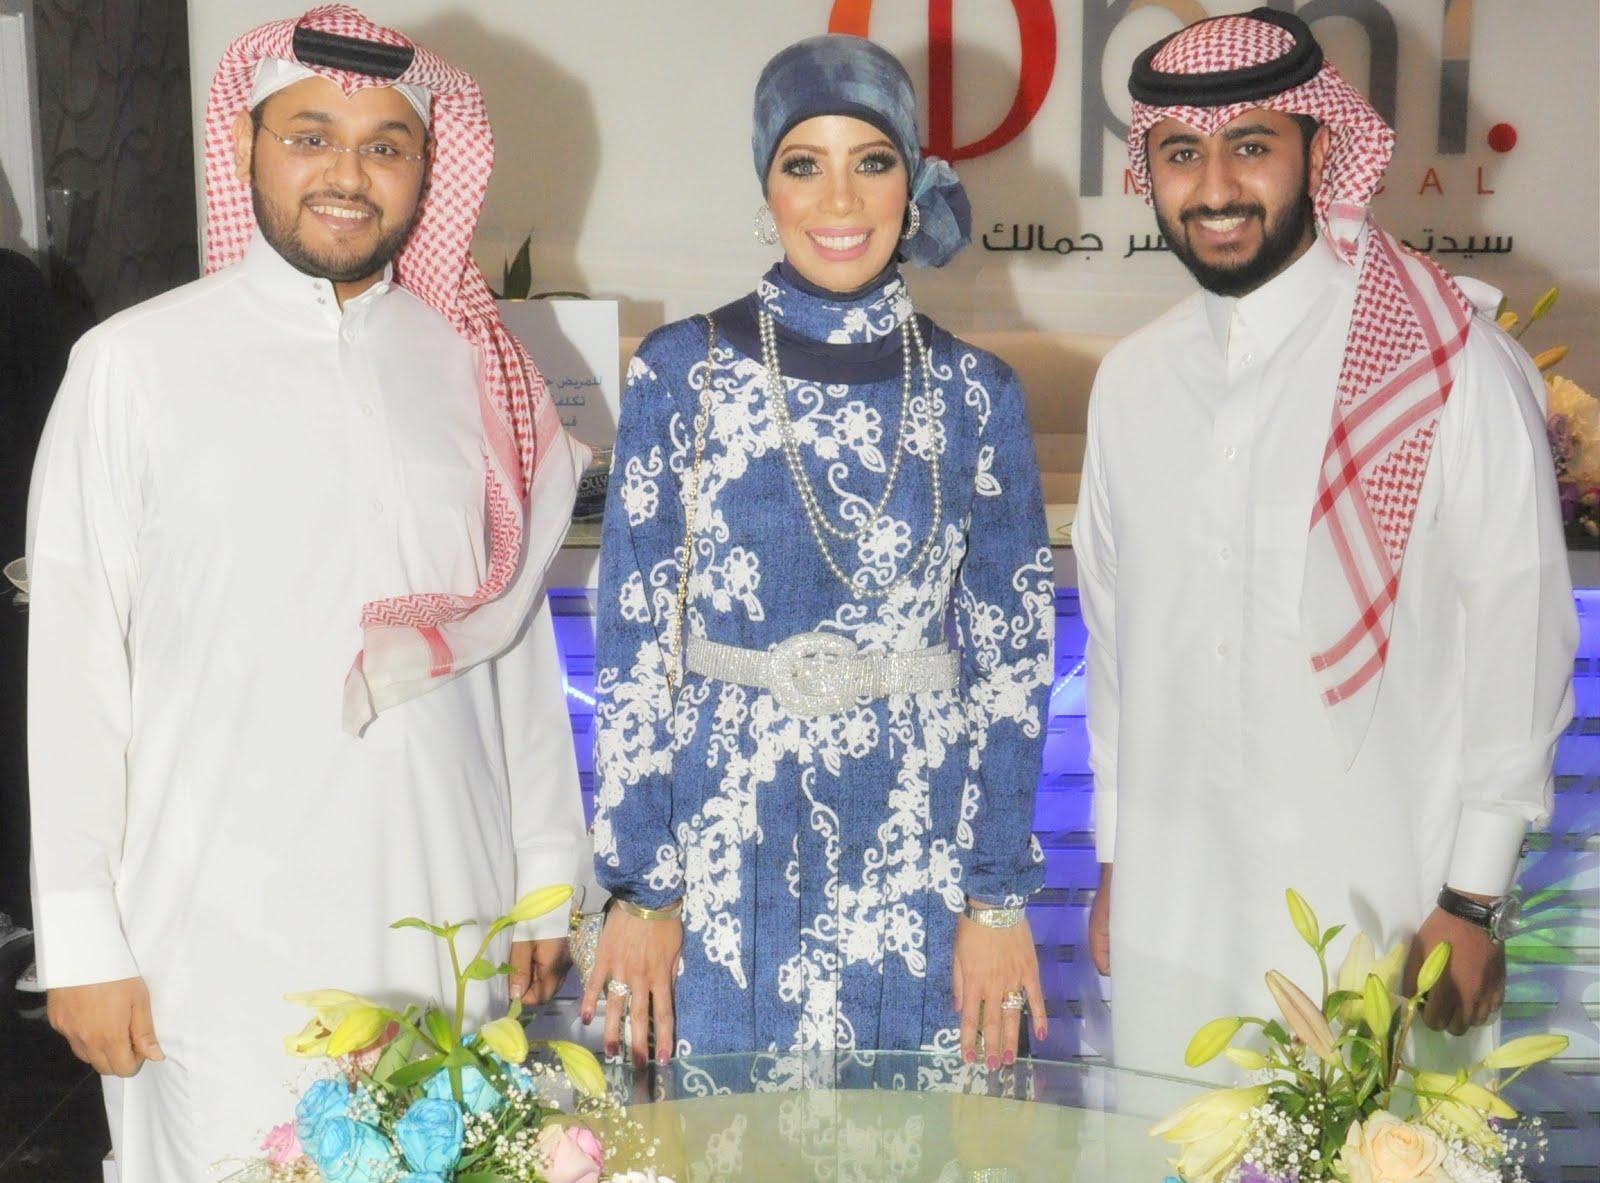 مع المطربين السعودىين  شداد السعيد وأحمد عبد الكريم عام 2016